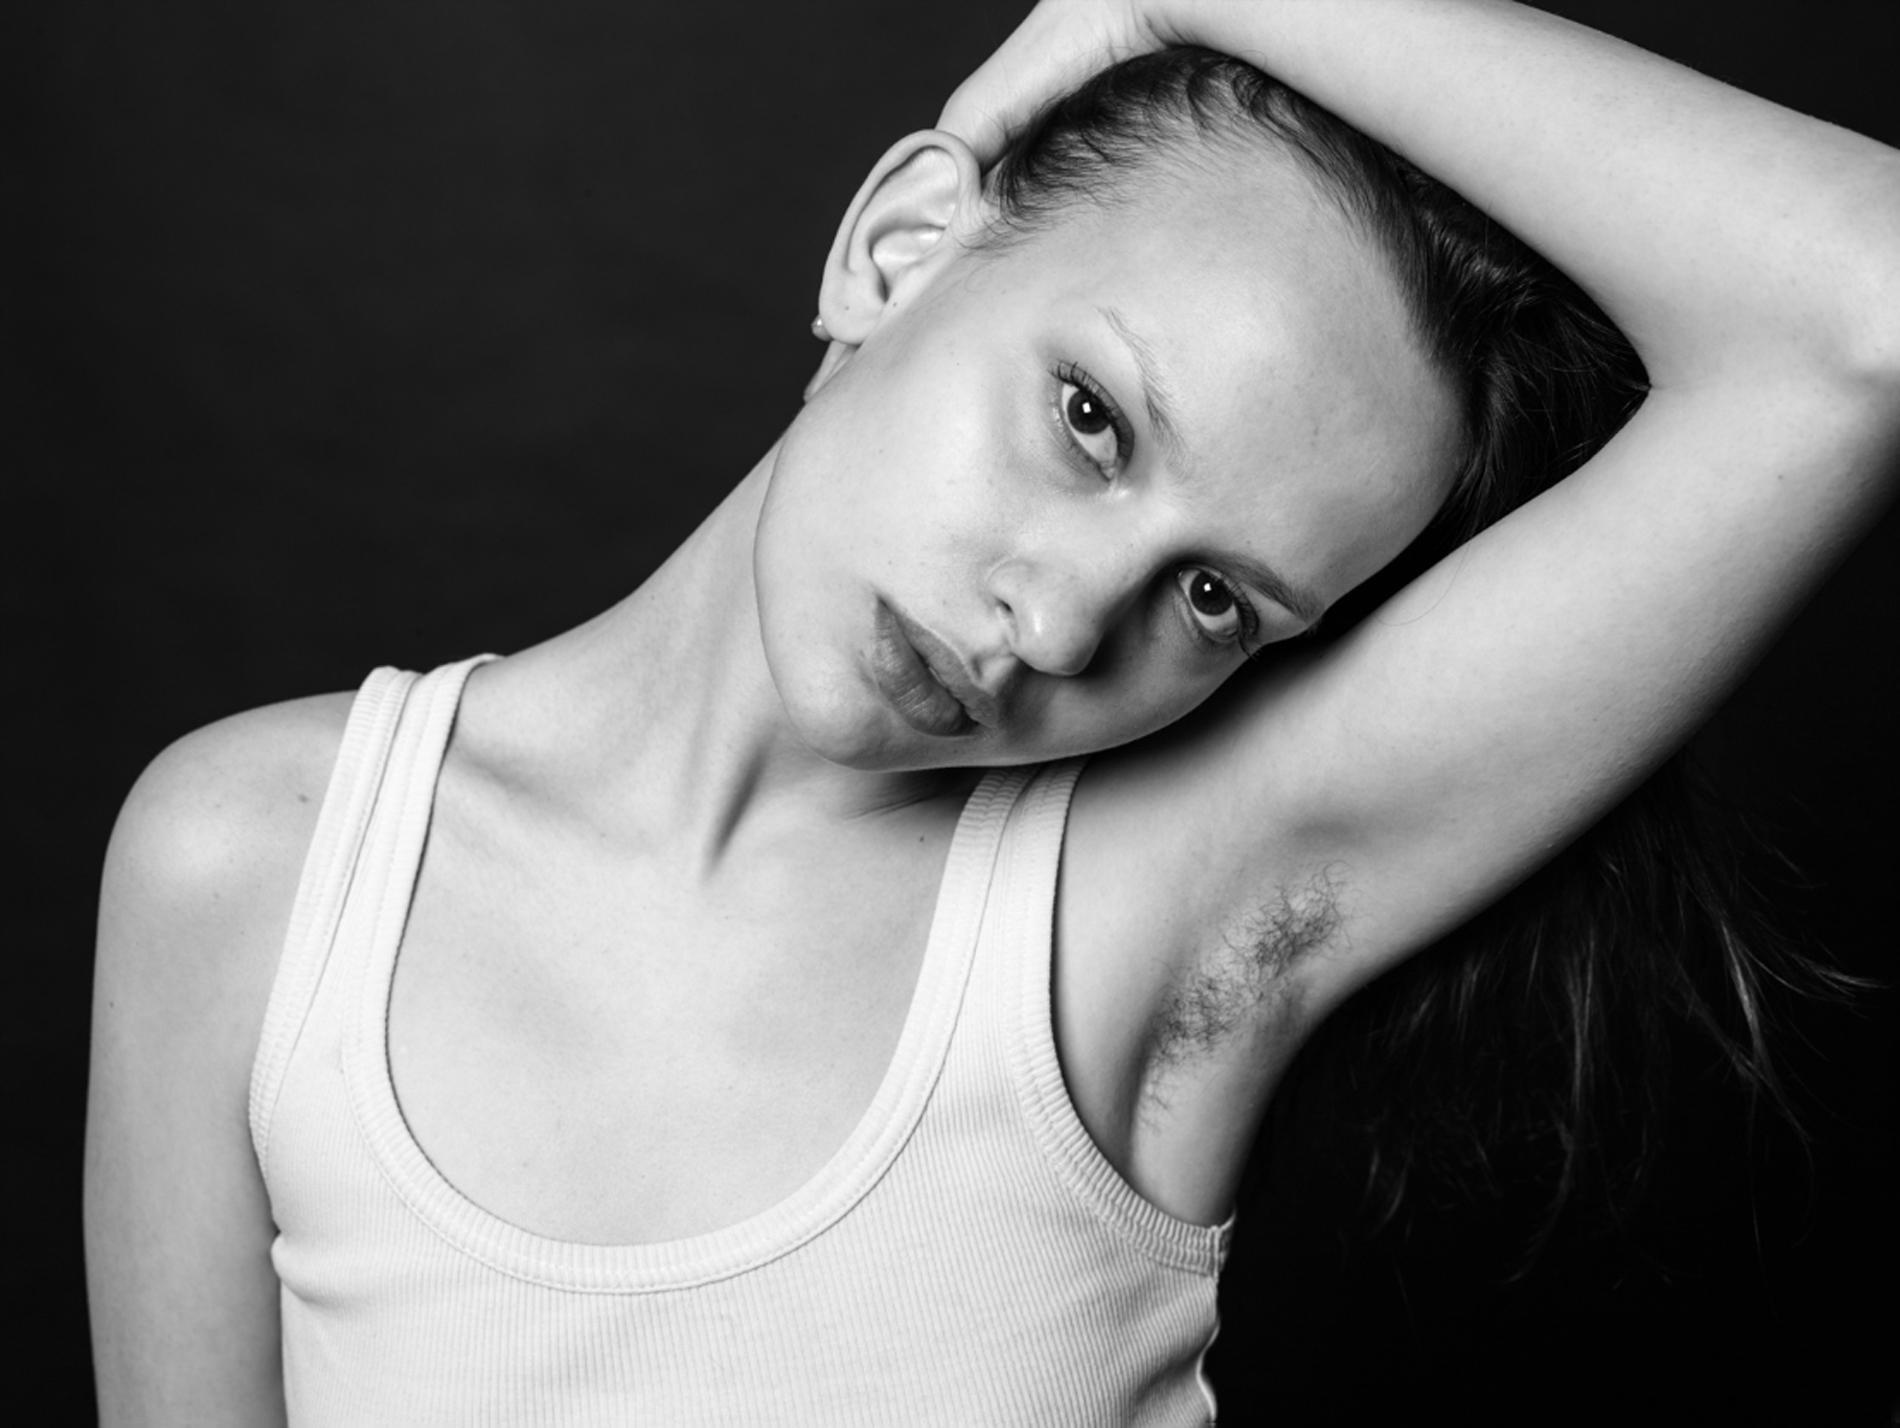 Смотреть как подмываются женщины 24 фотография